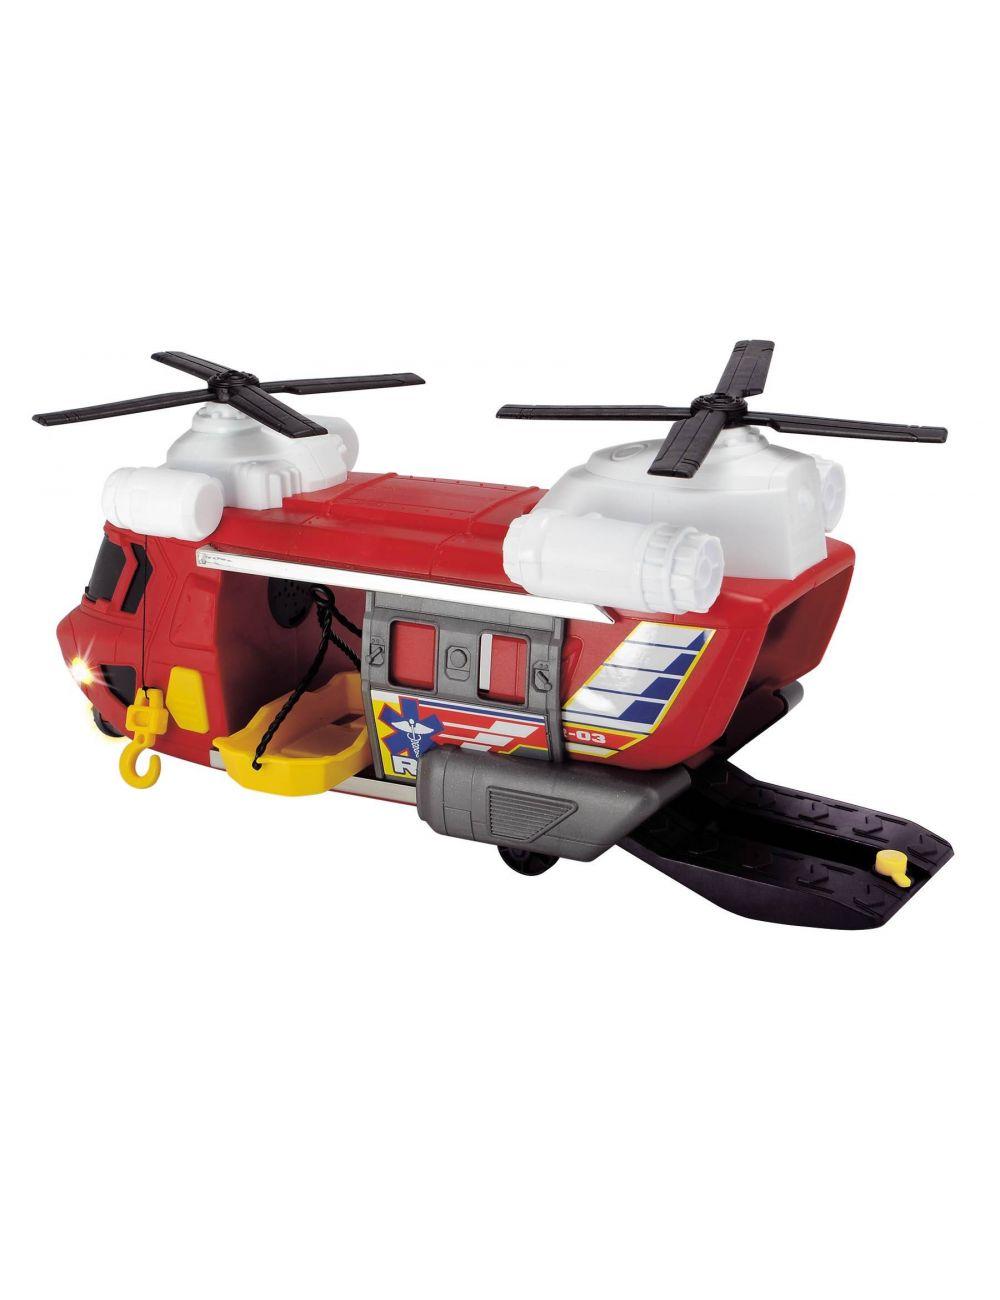 Helikopter retunkowy Dickie czerwony